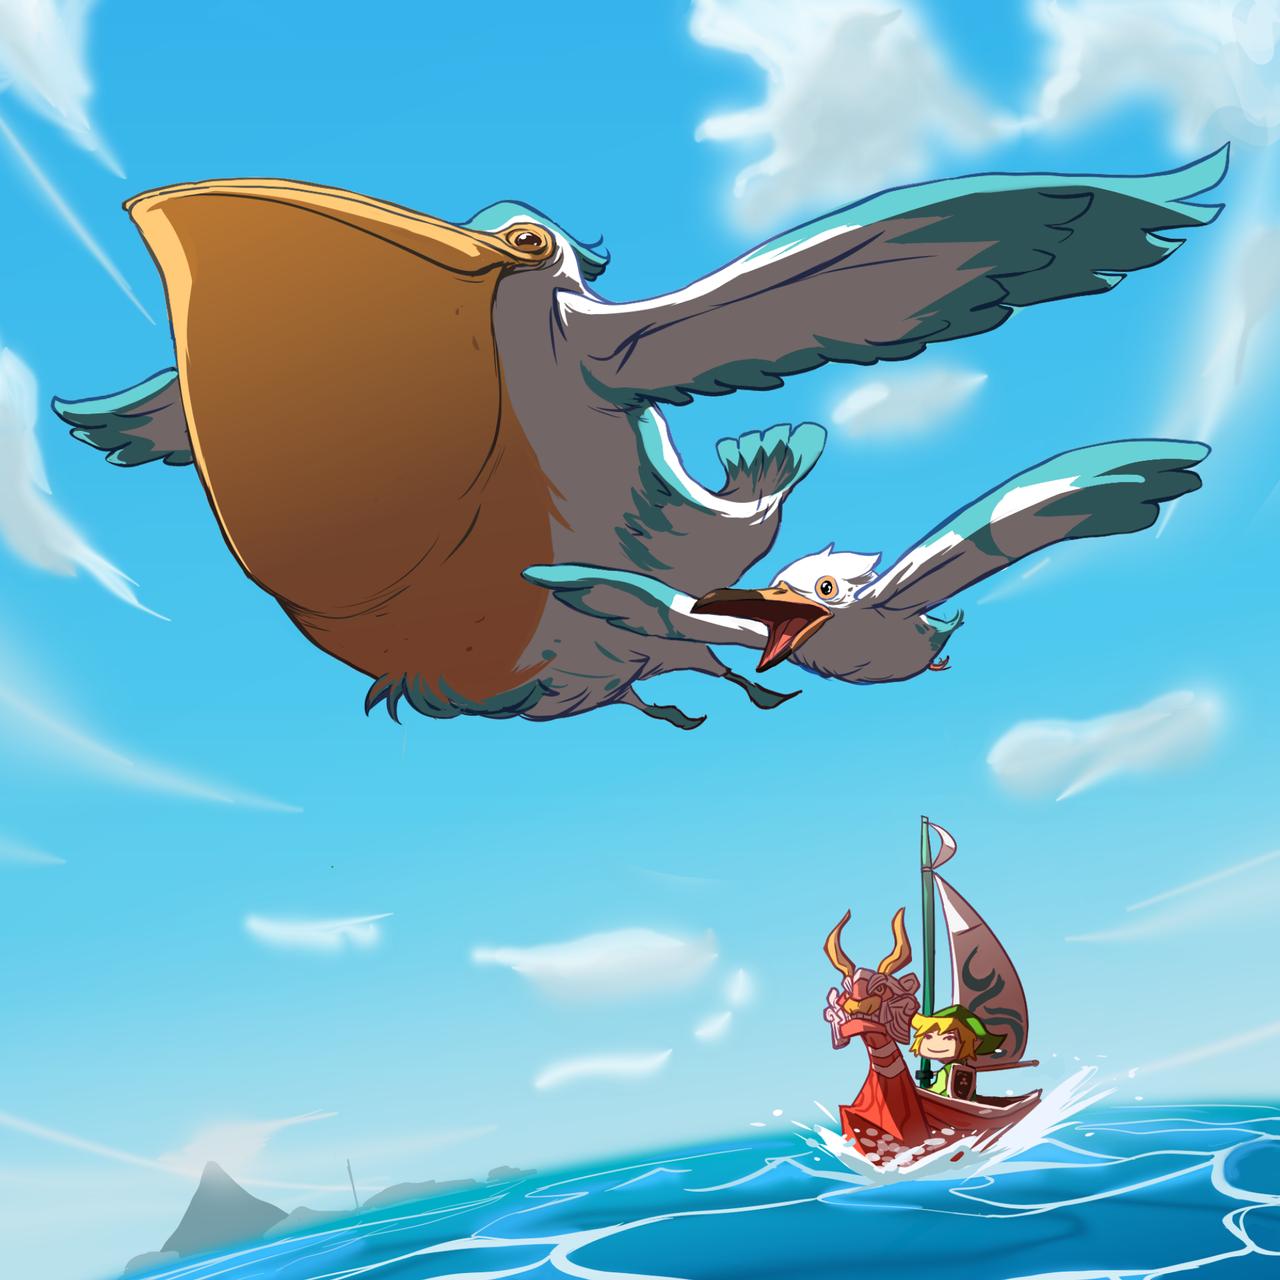 Wingull Images | Pokemon Images